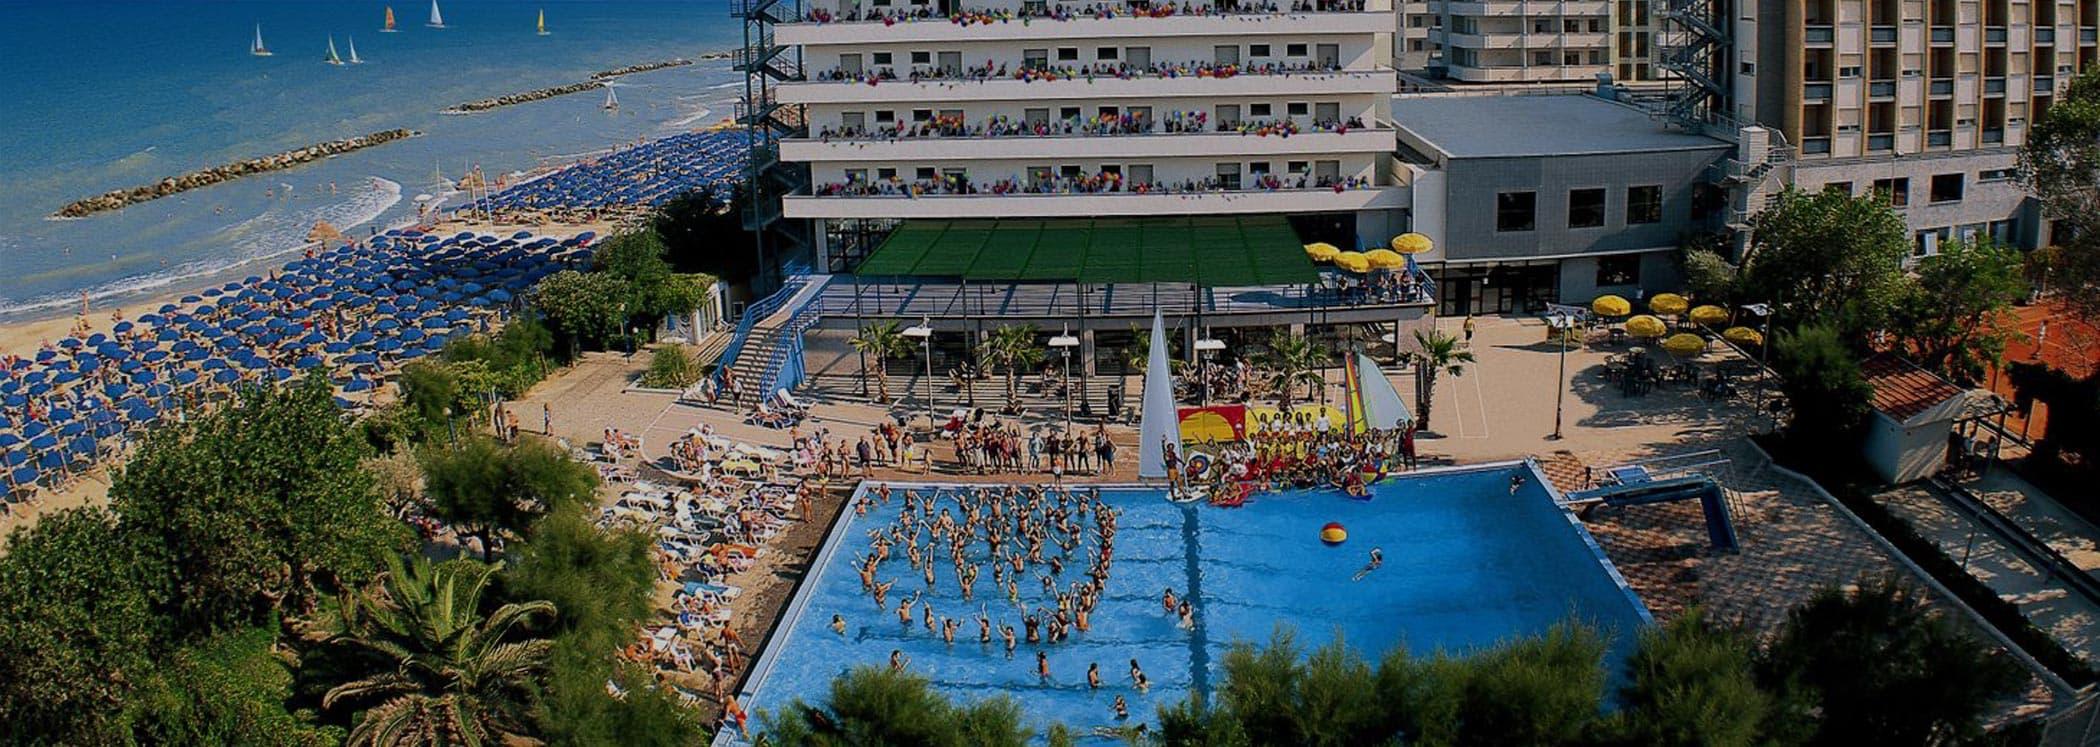 Hotel Montesilvano Pensione Completa